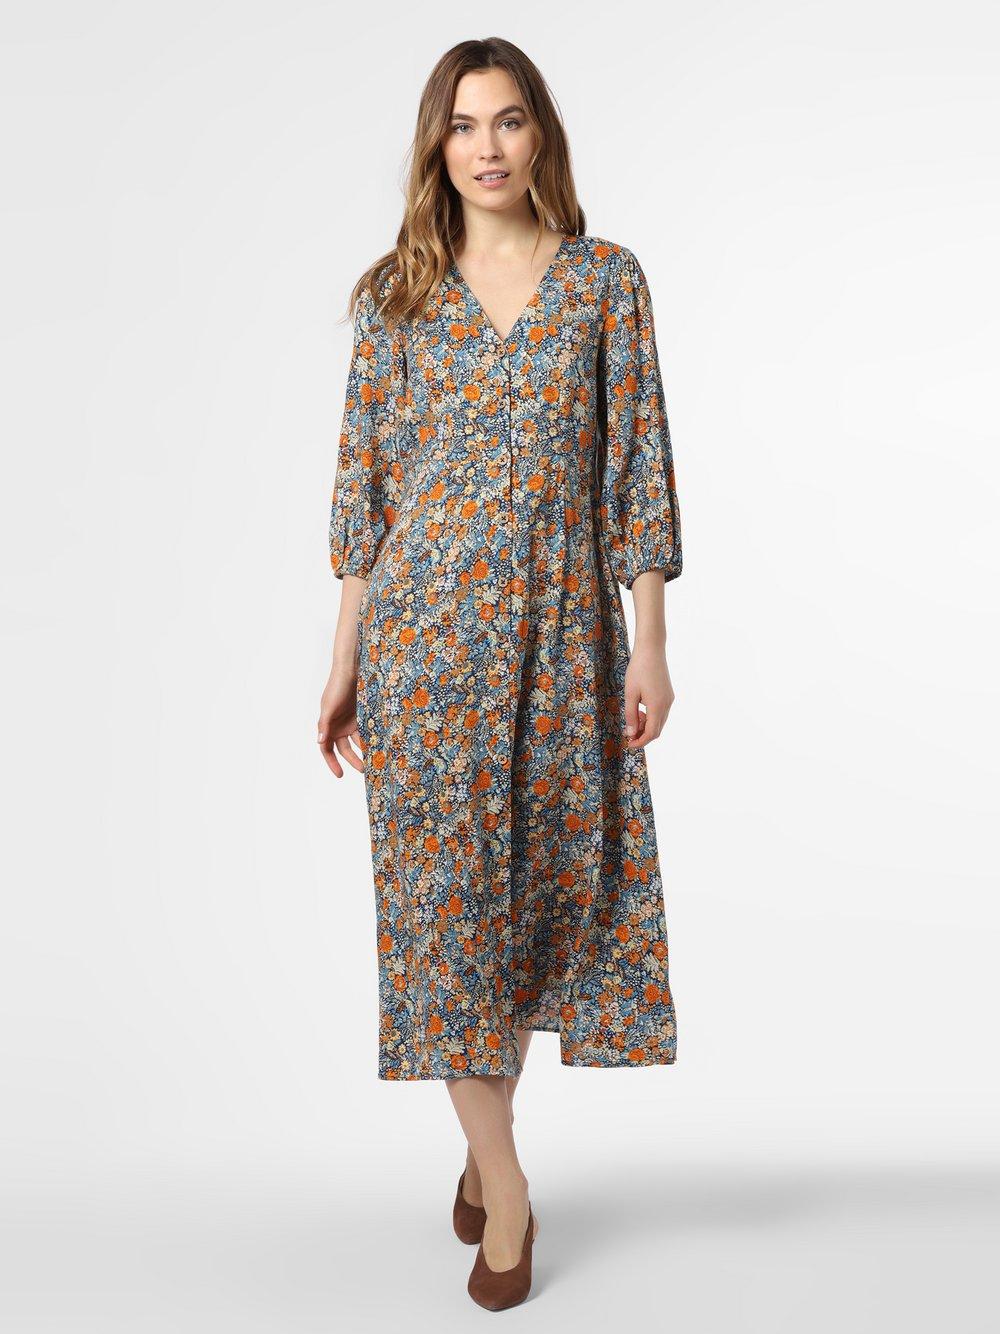 Y.A.S – Sukienka damska – Yaspepitas, niebieski Van Graaf 474298-0001